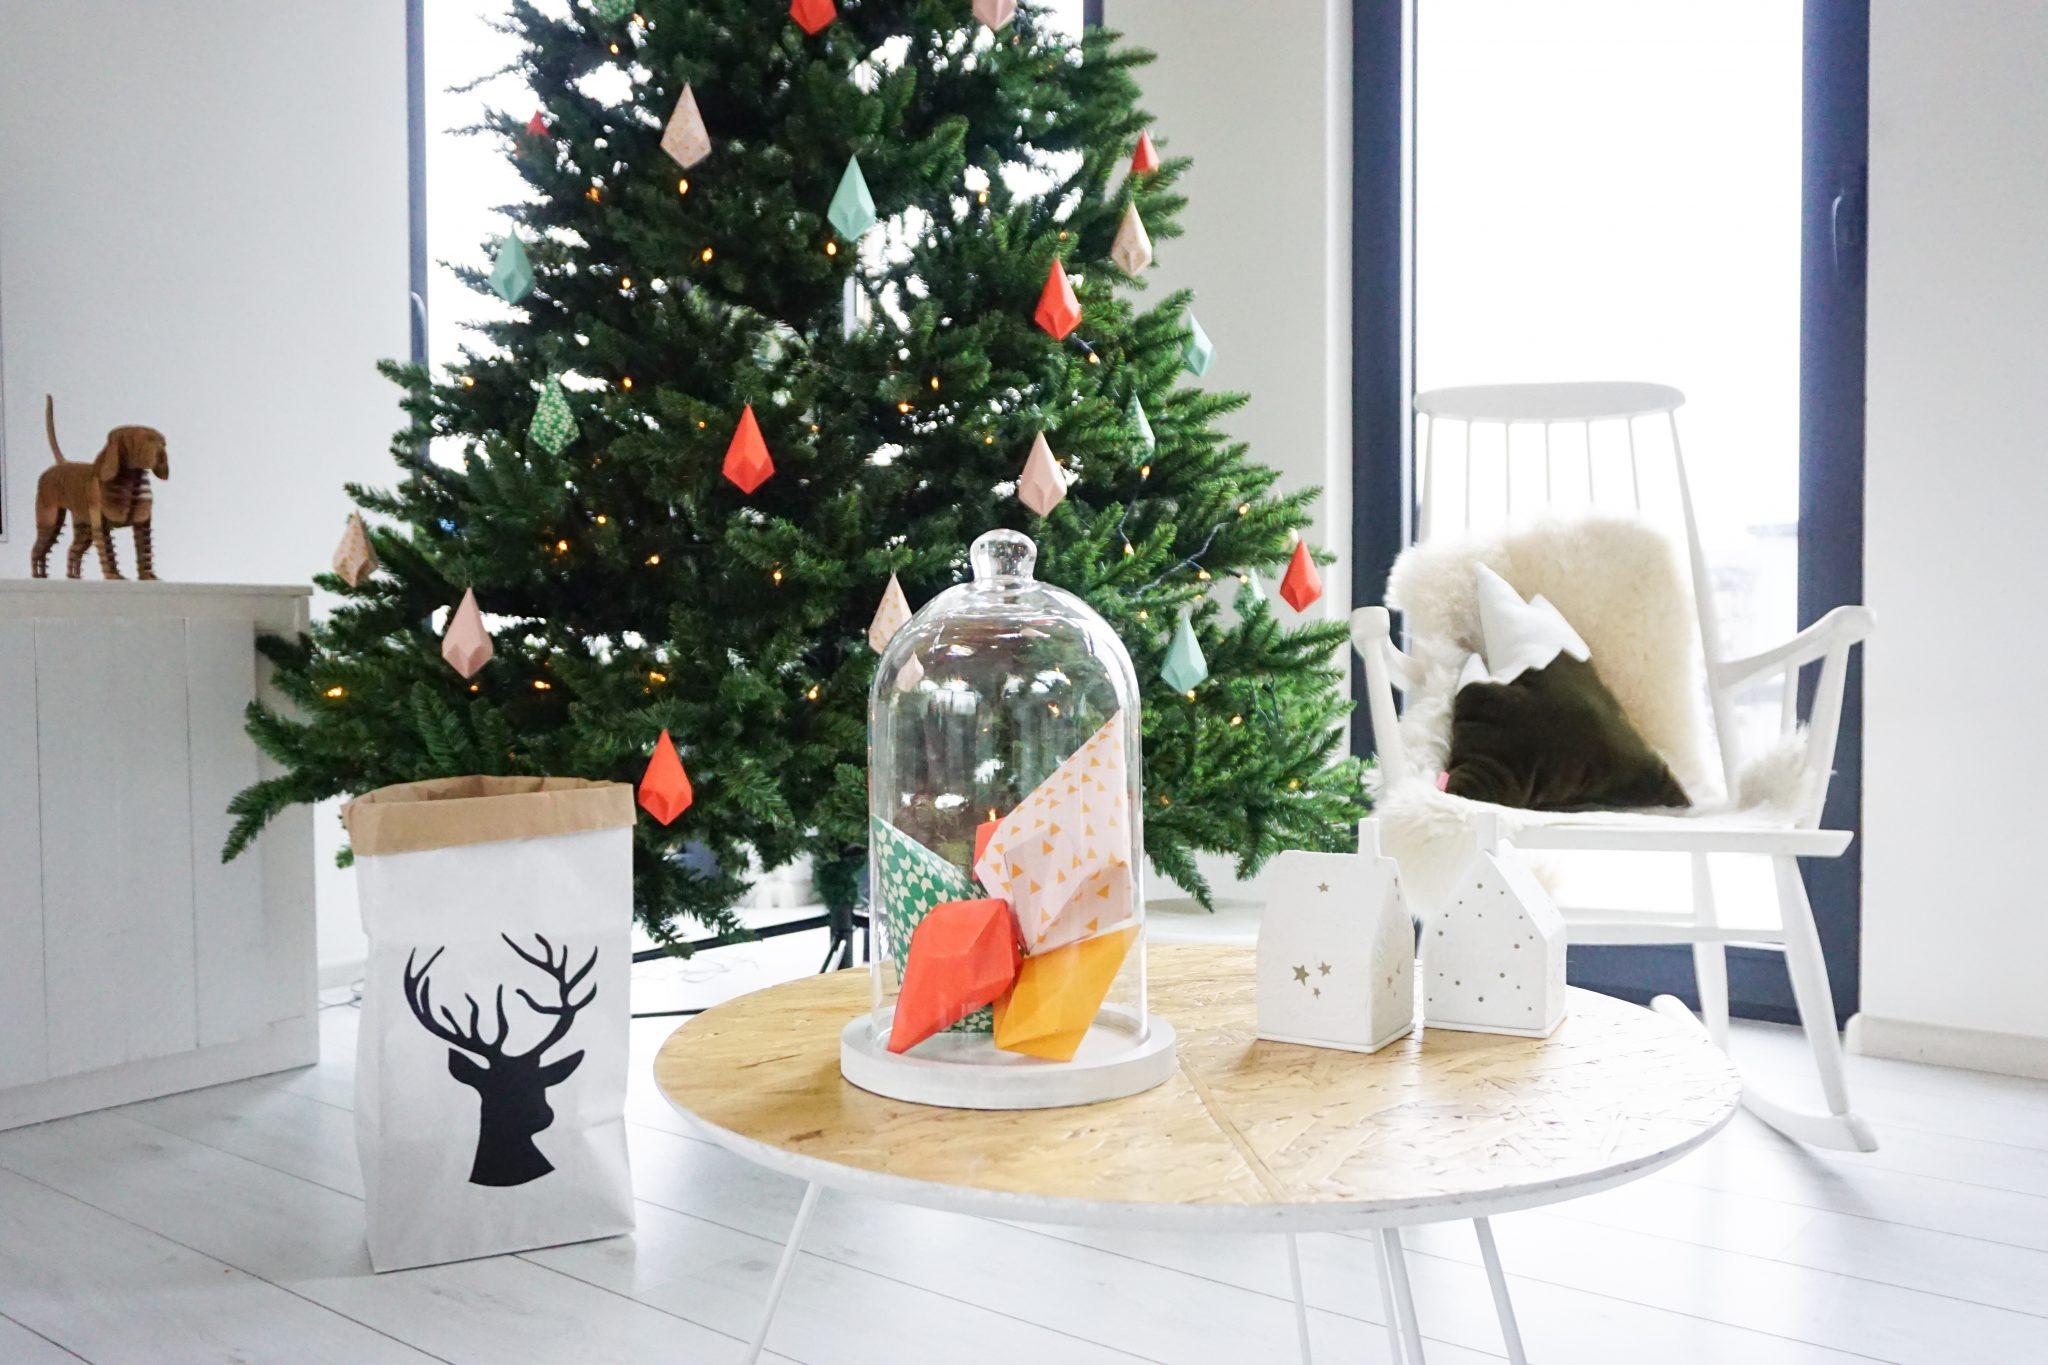 kerst diy decoratie papieren kristallen